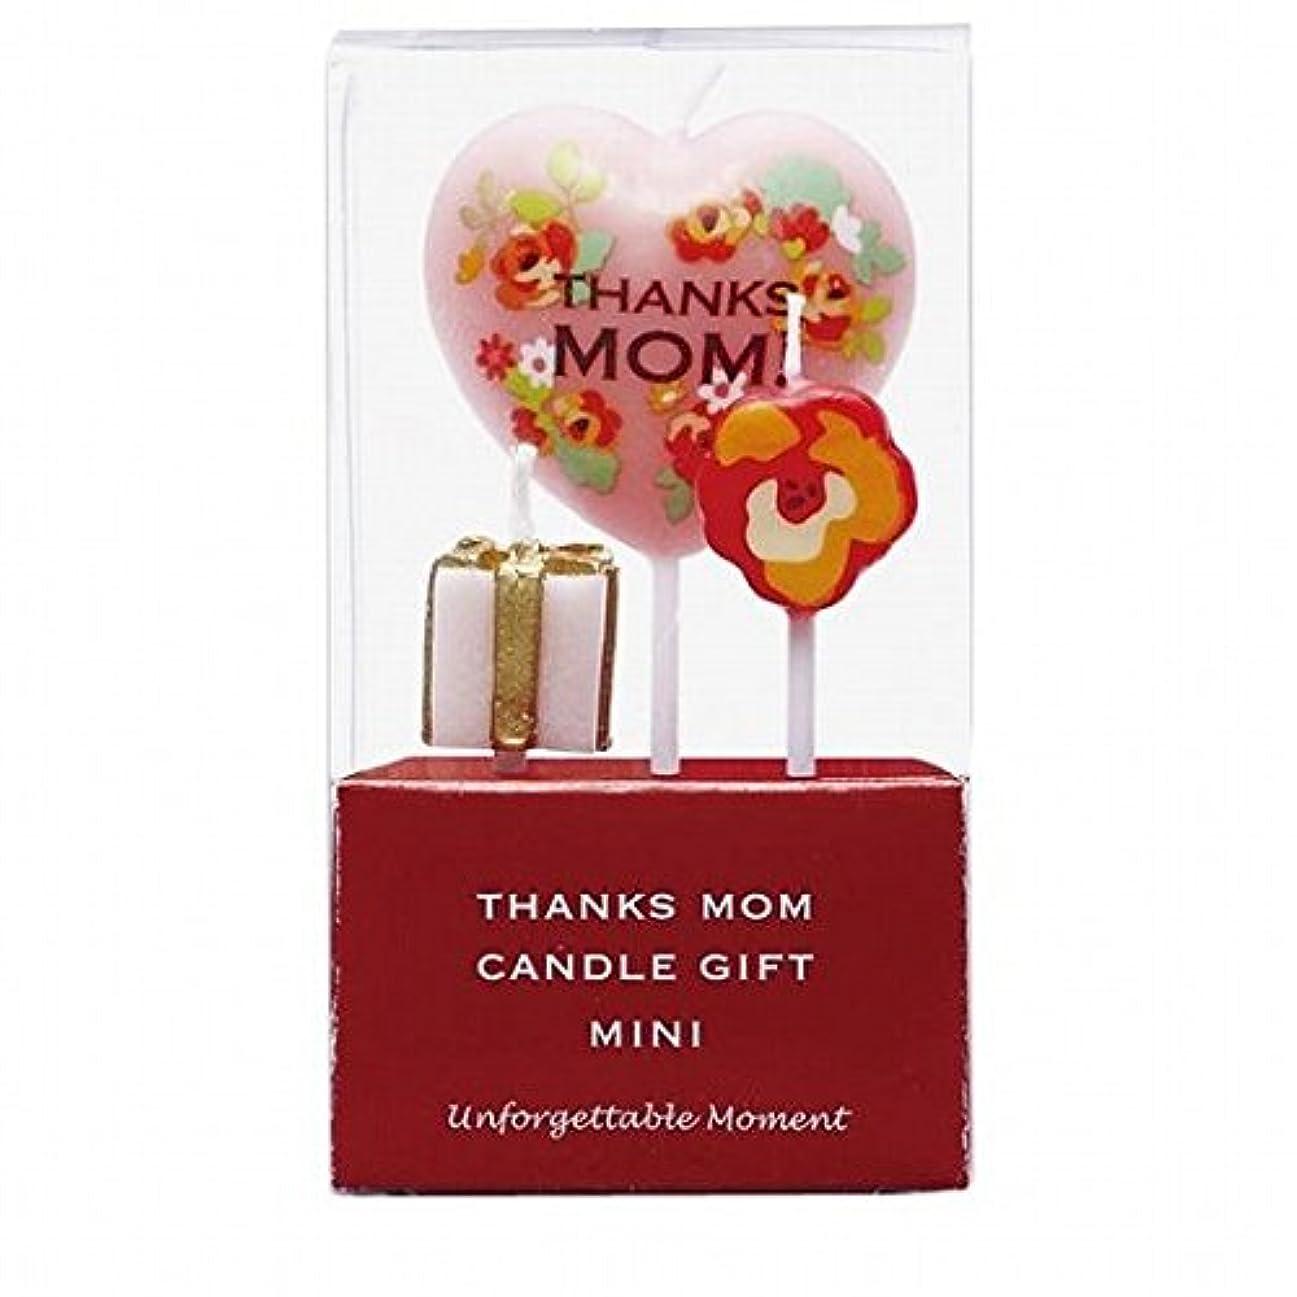 トンネル暗記する検閲kameyama candle(カメヤマキャンドル) おかあさんありがとうキャンドルギフトミニ(55350090)